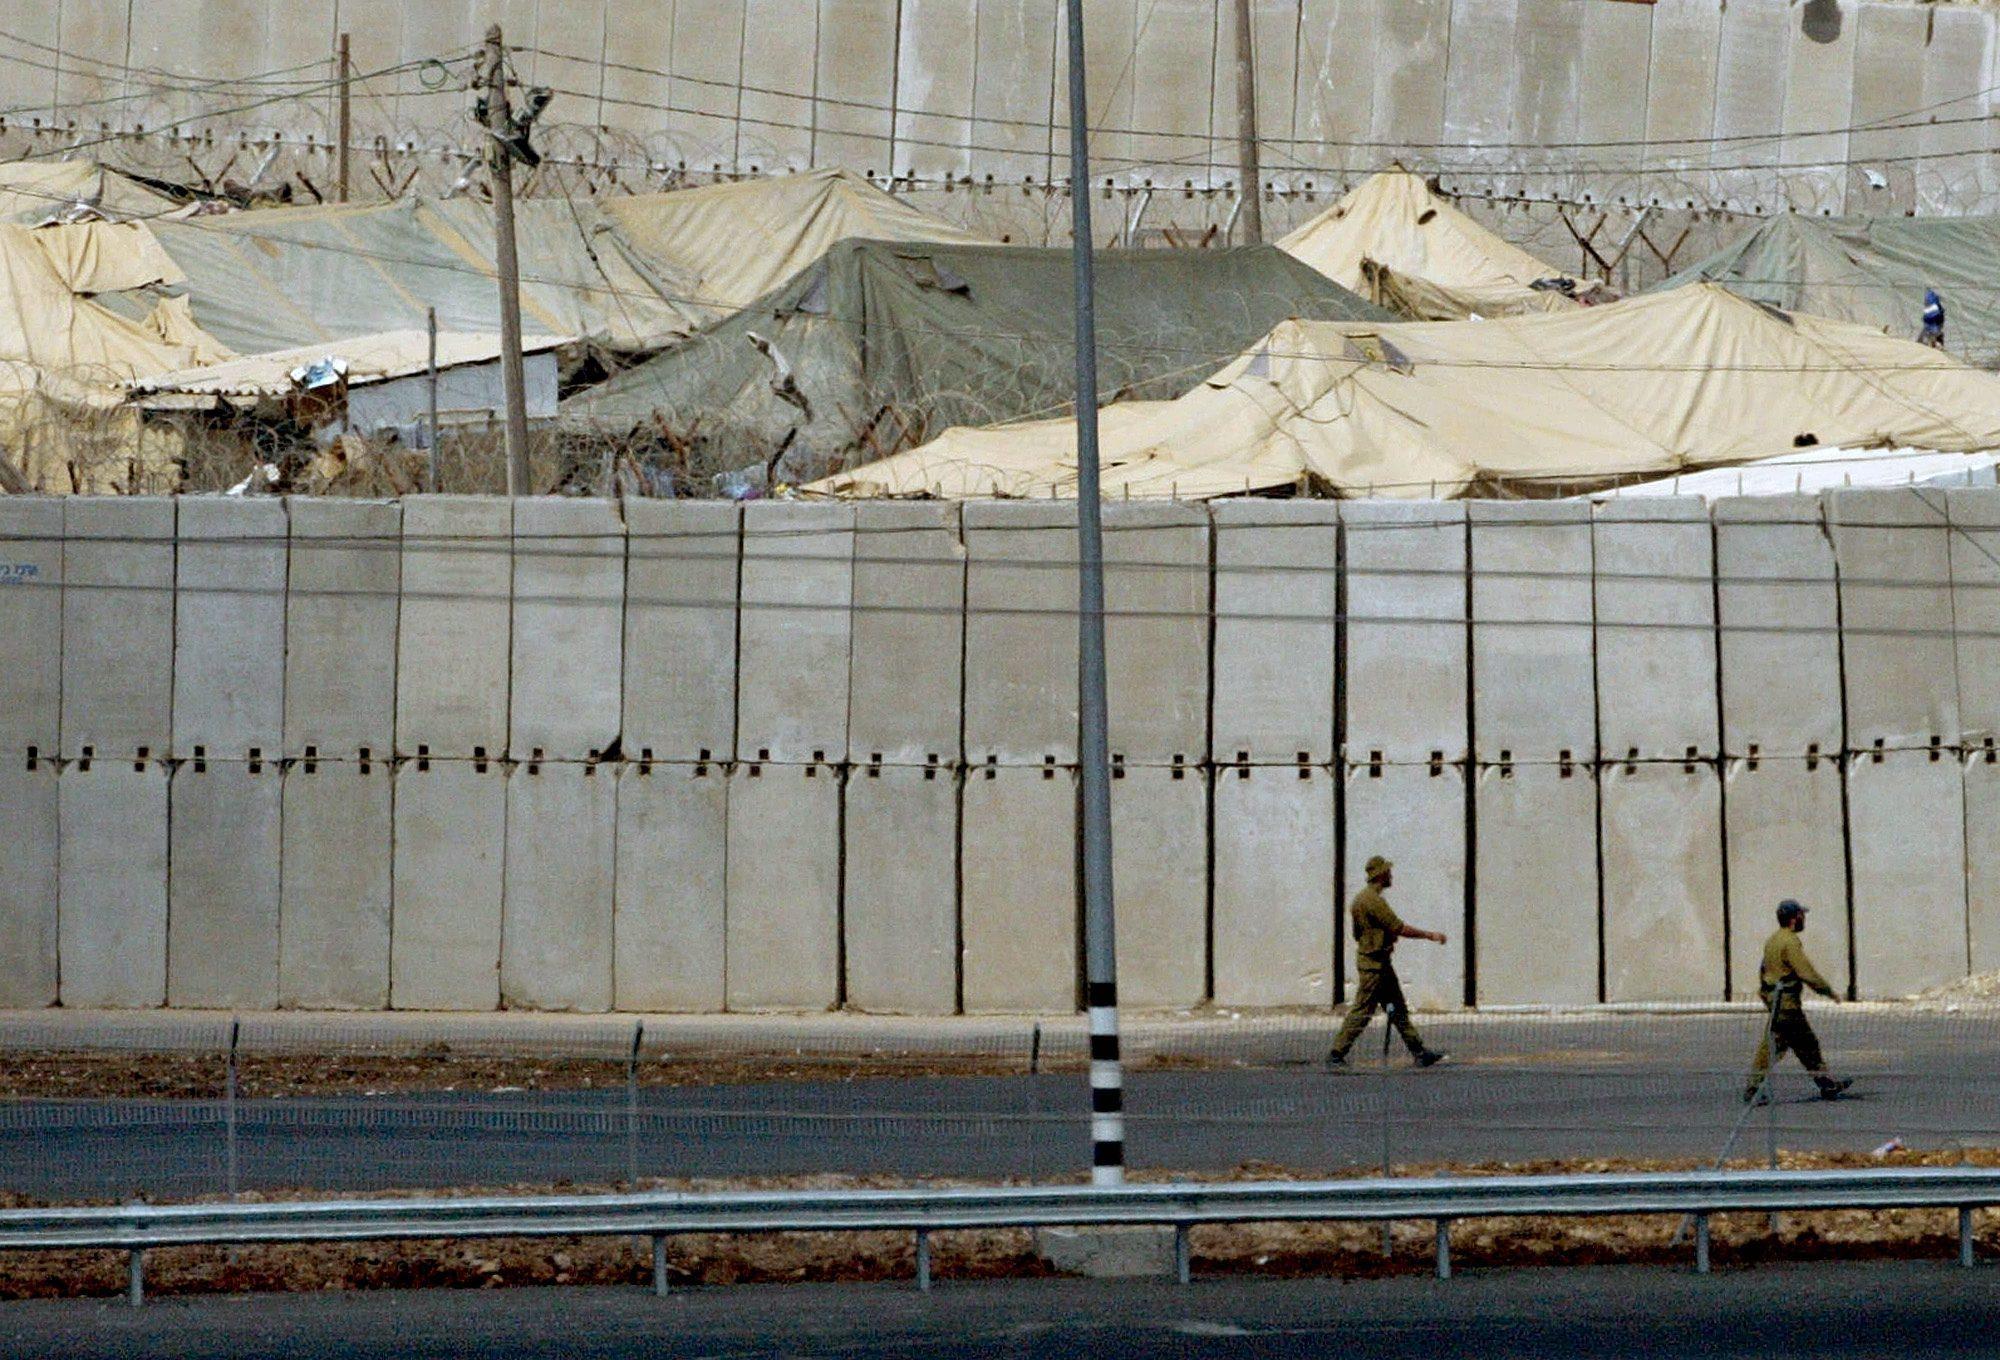 سلطات الاحتلال تقدم طلبات لإعادة حبس 8 محرري صفقة الوفاء للأحرار